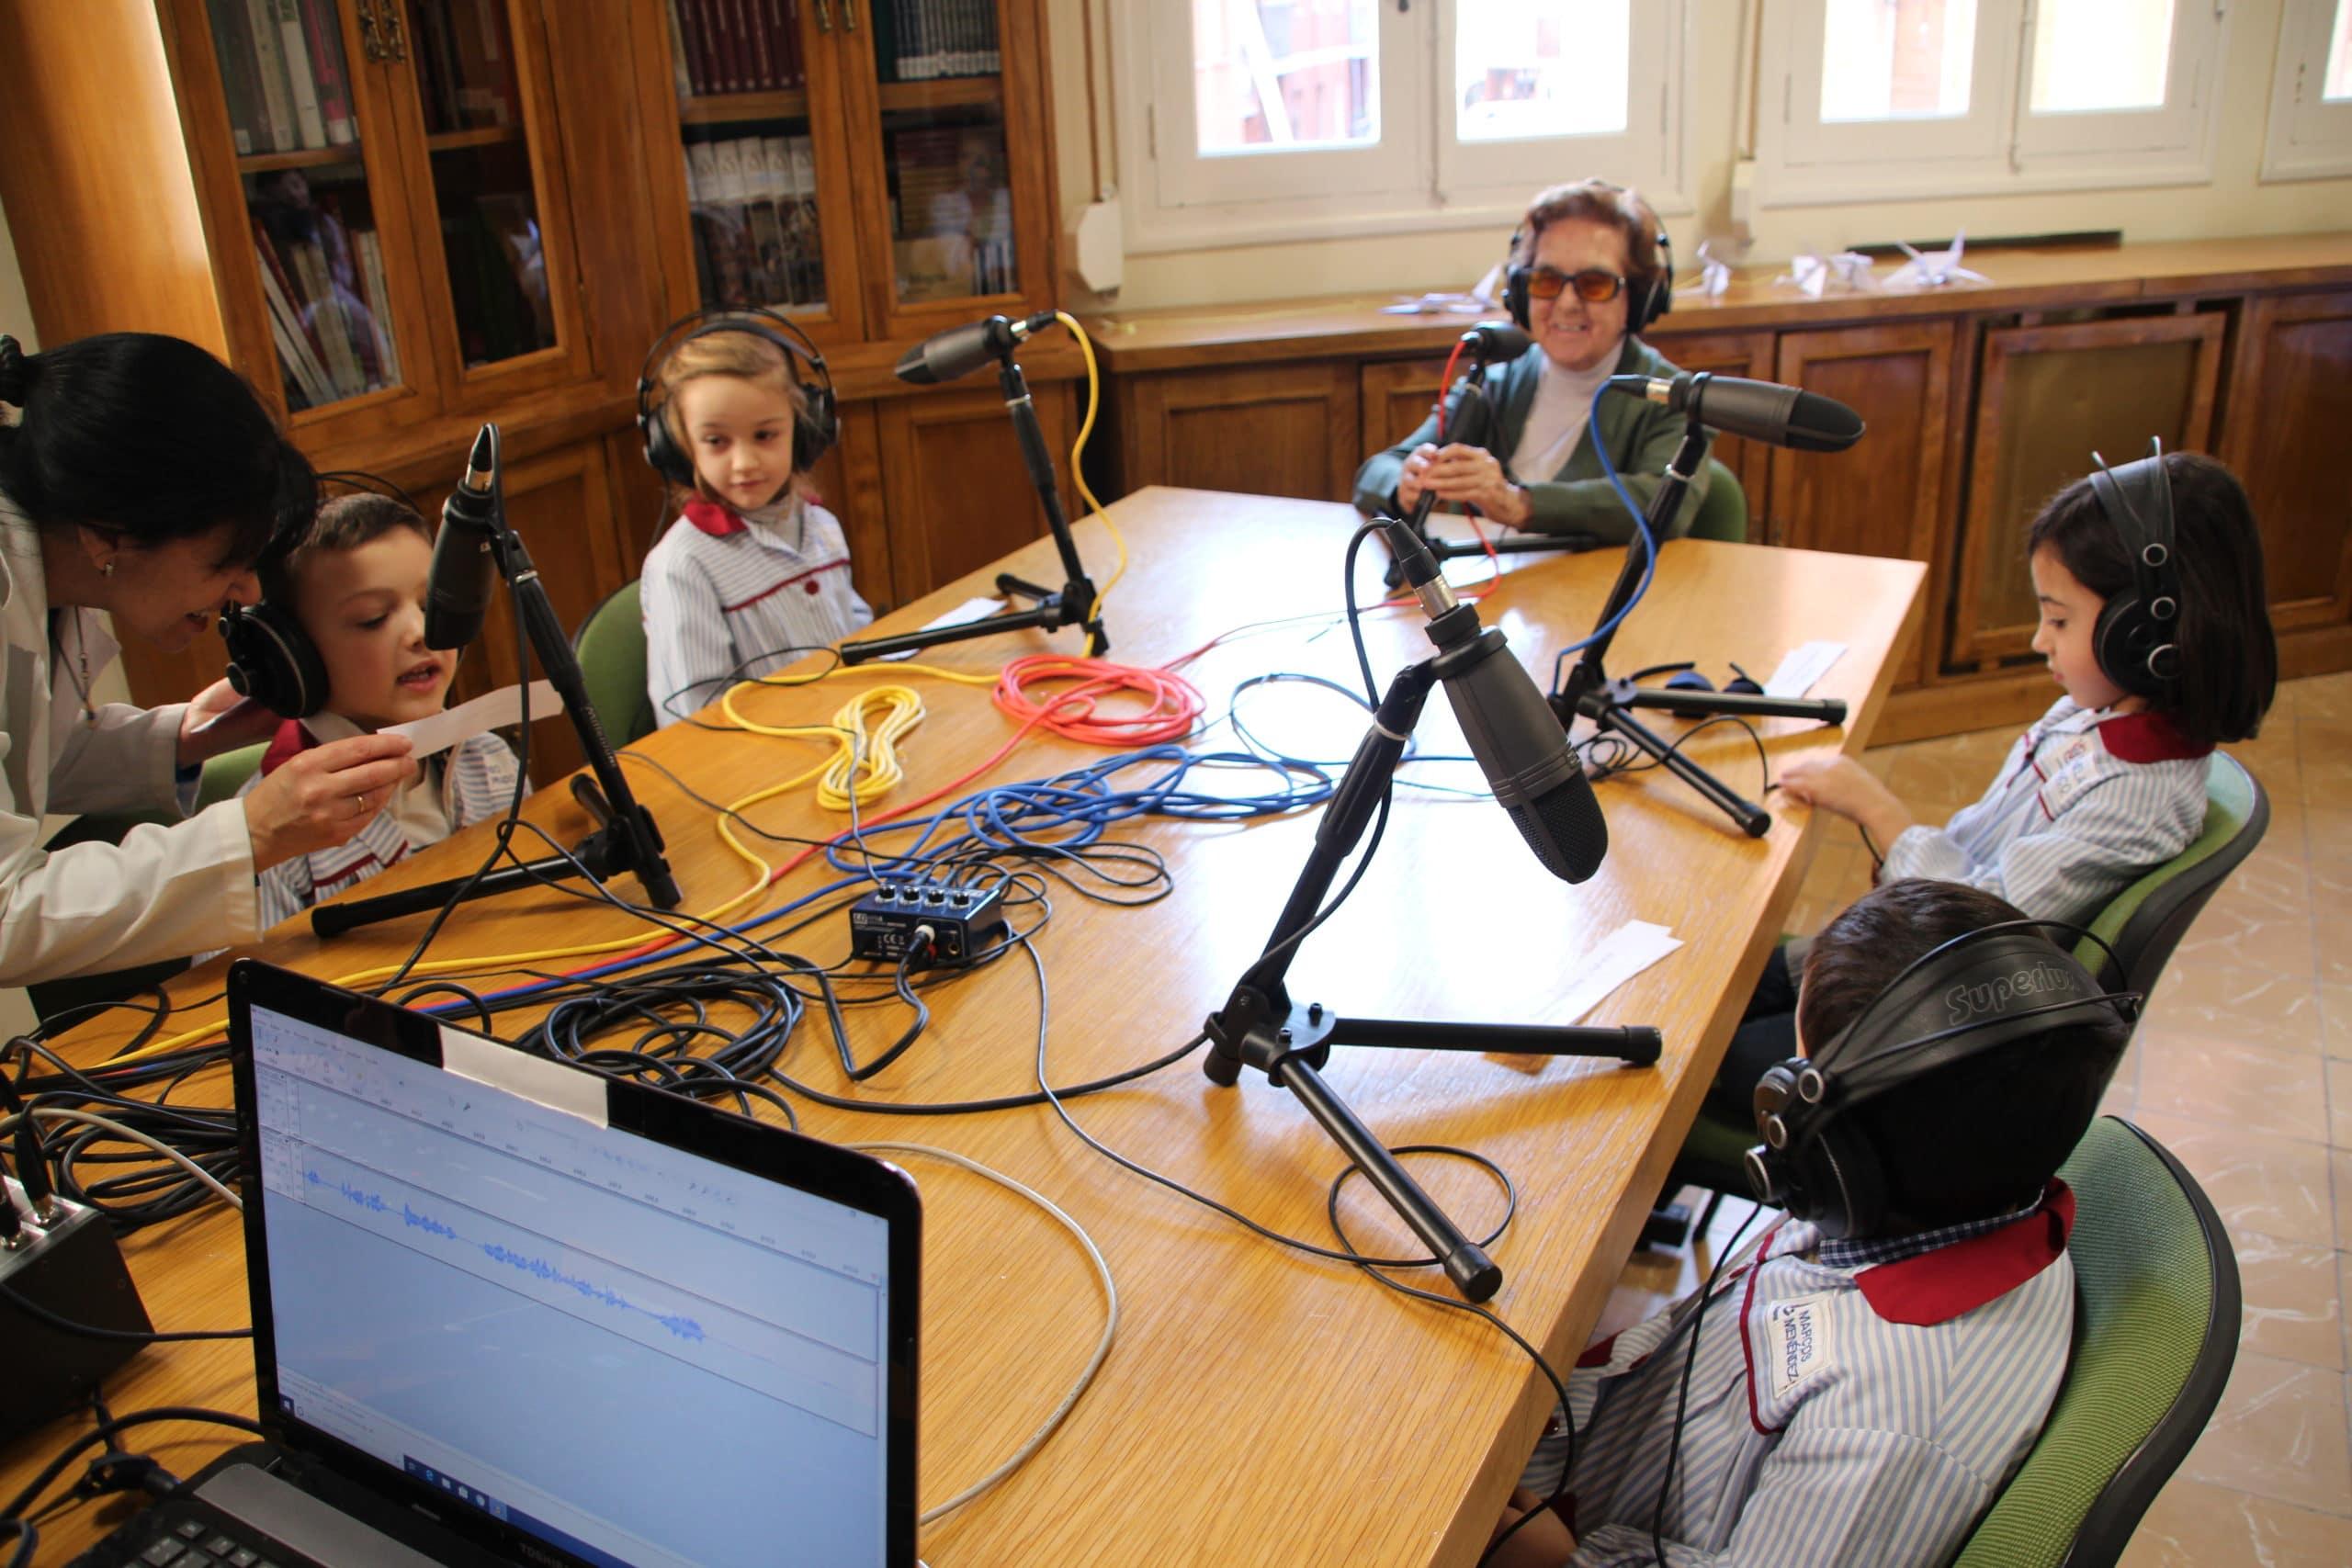 Entrevista a la Madre Loreto por los alumnos de Educación Infantil